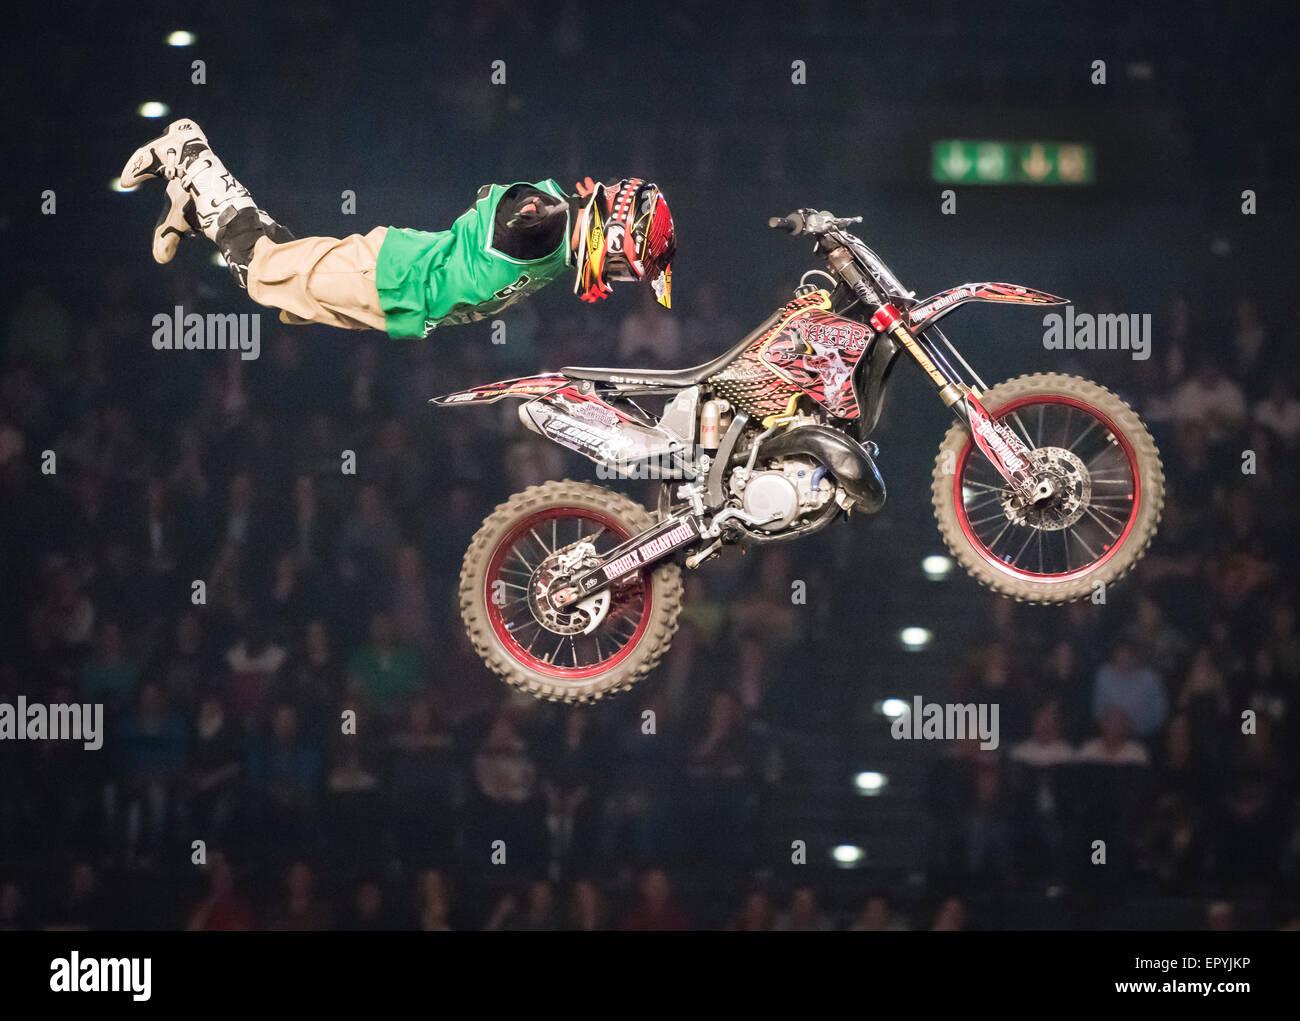 Zurich, Suisse. 22 mai, 2015. Haut spectaculaires sauts FMX à 'Masters de saleté' freestyle motocross Photo Stock